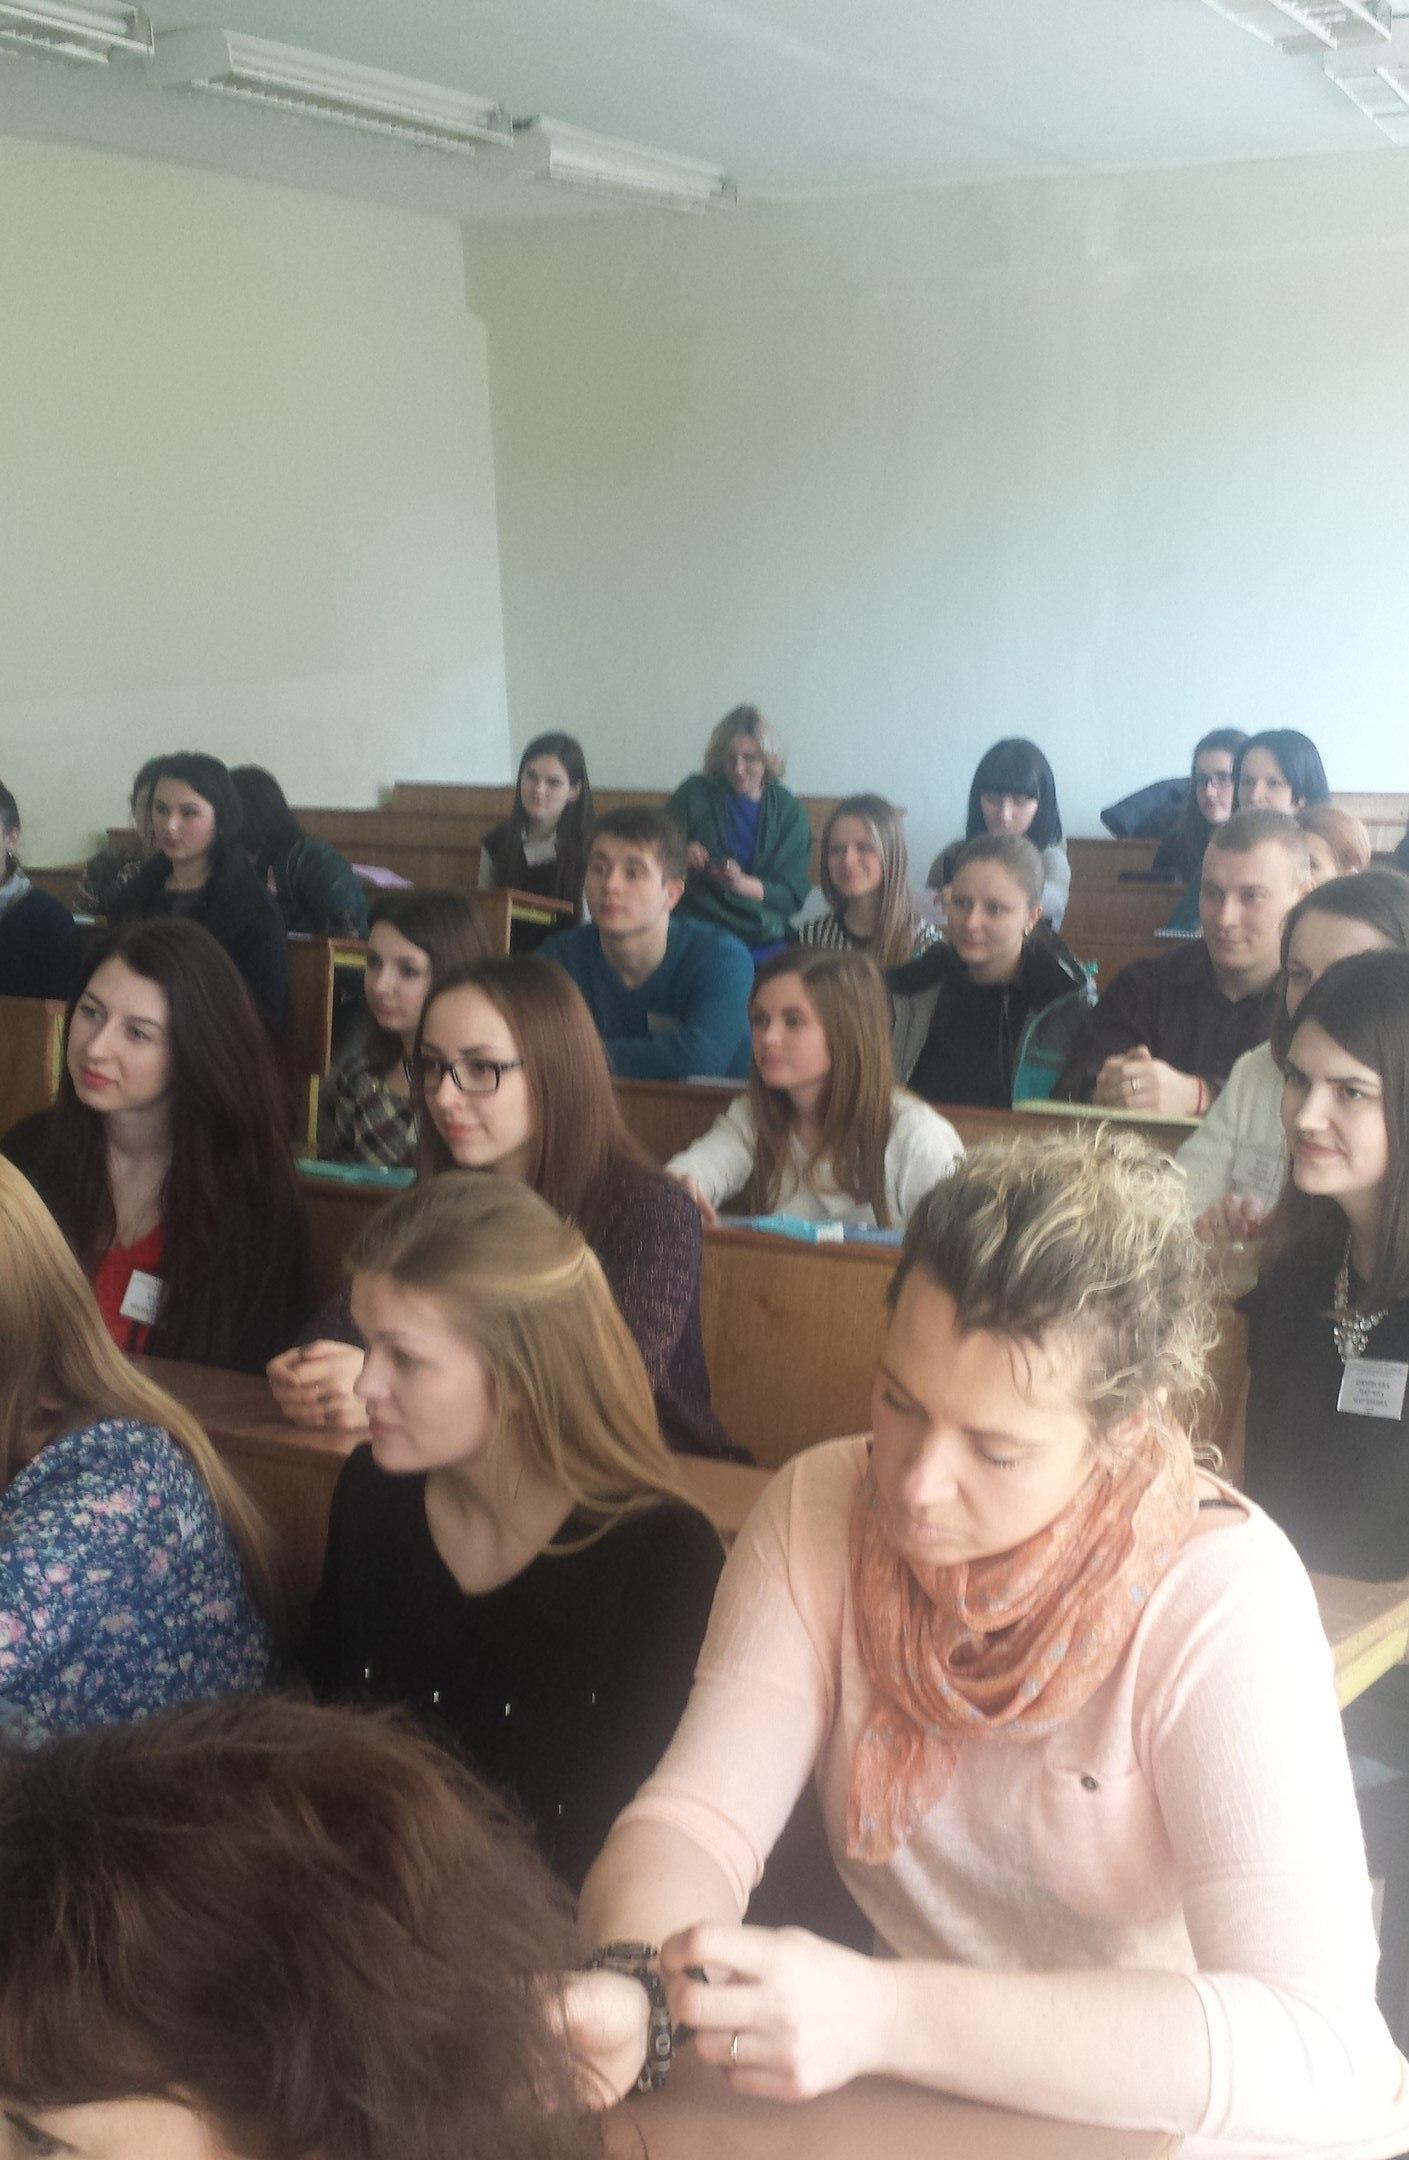 VІІІ Міжнародна науково-практична конференція «Психологічні основи здоров'я, освіти, науки та самореалізації особистості»